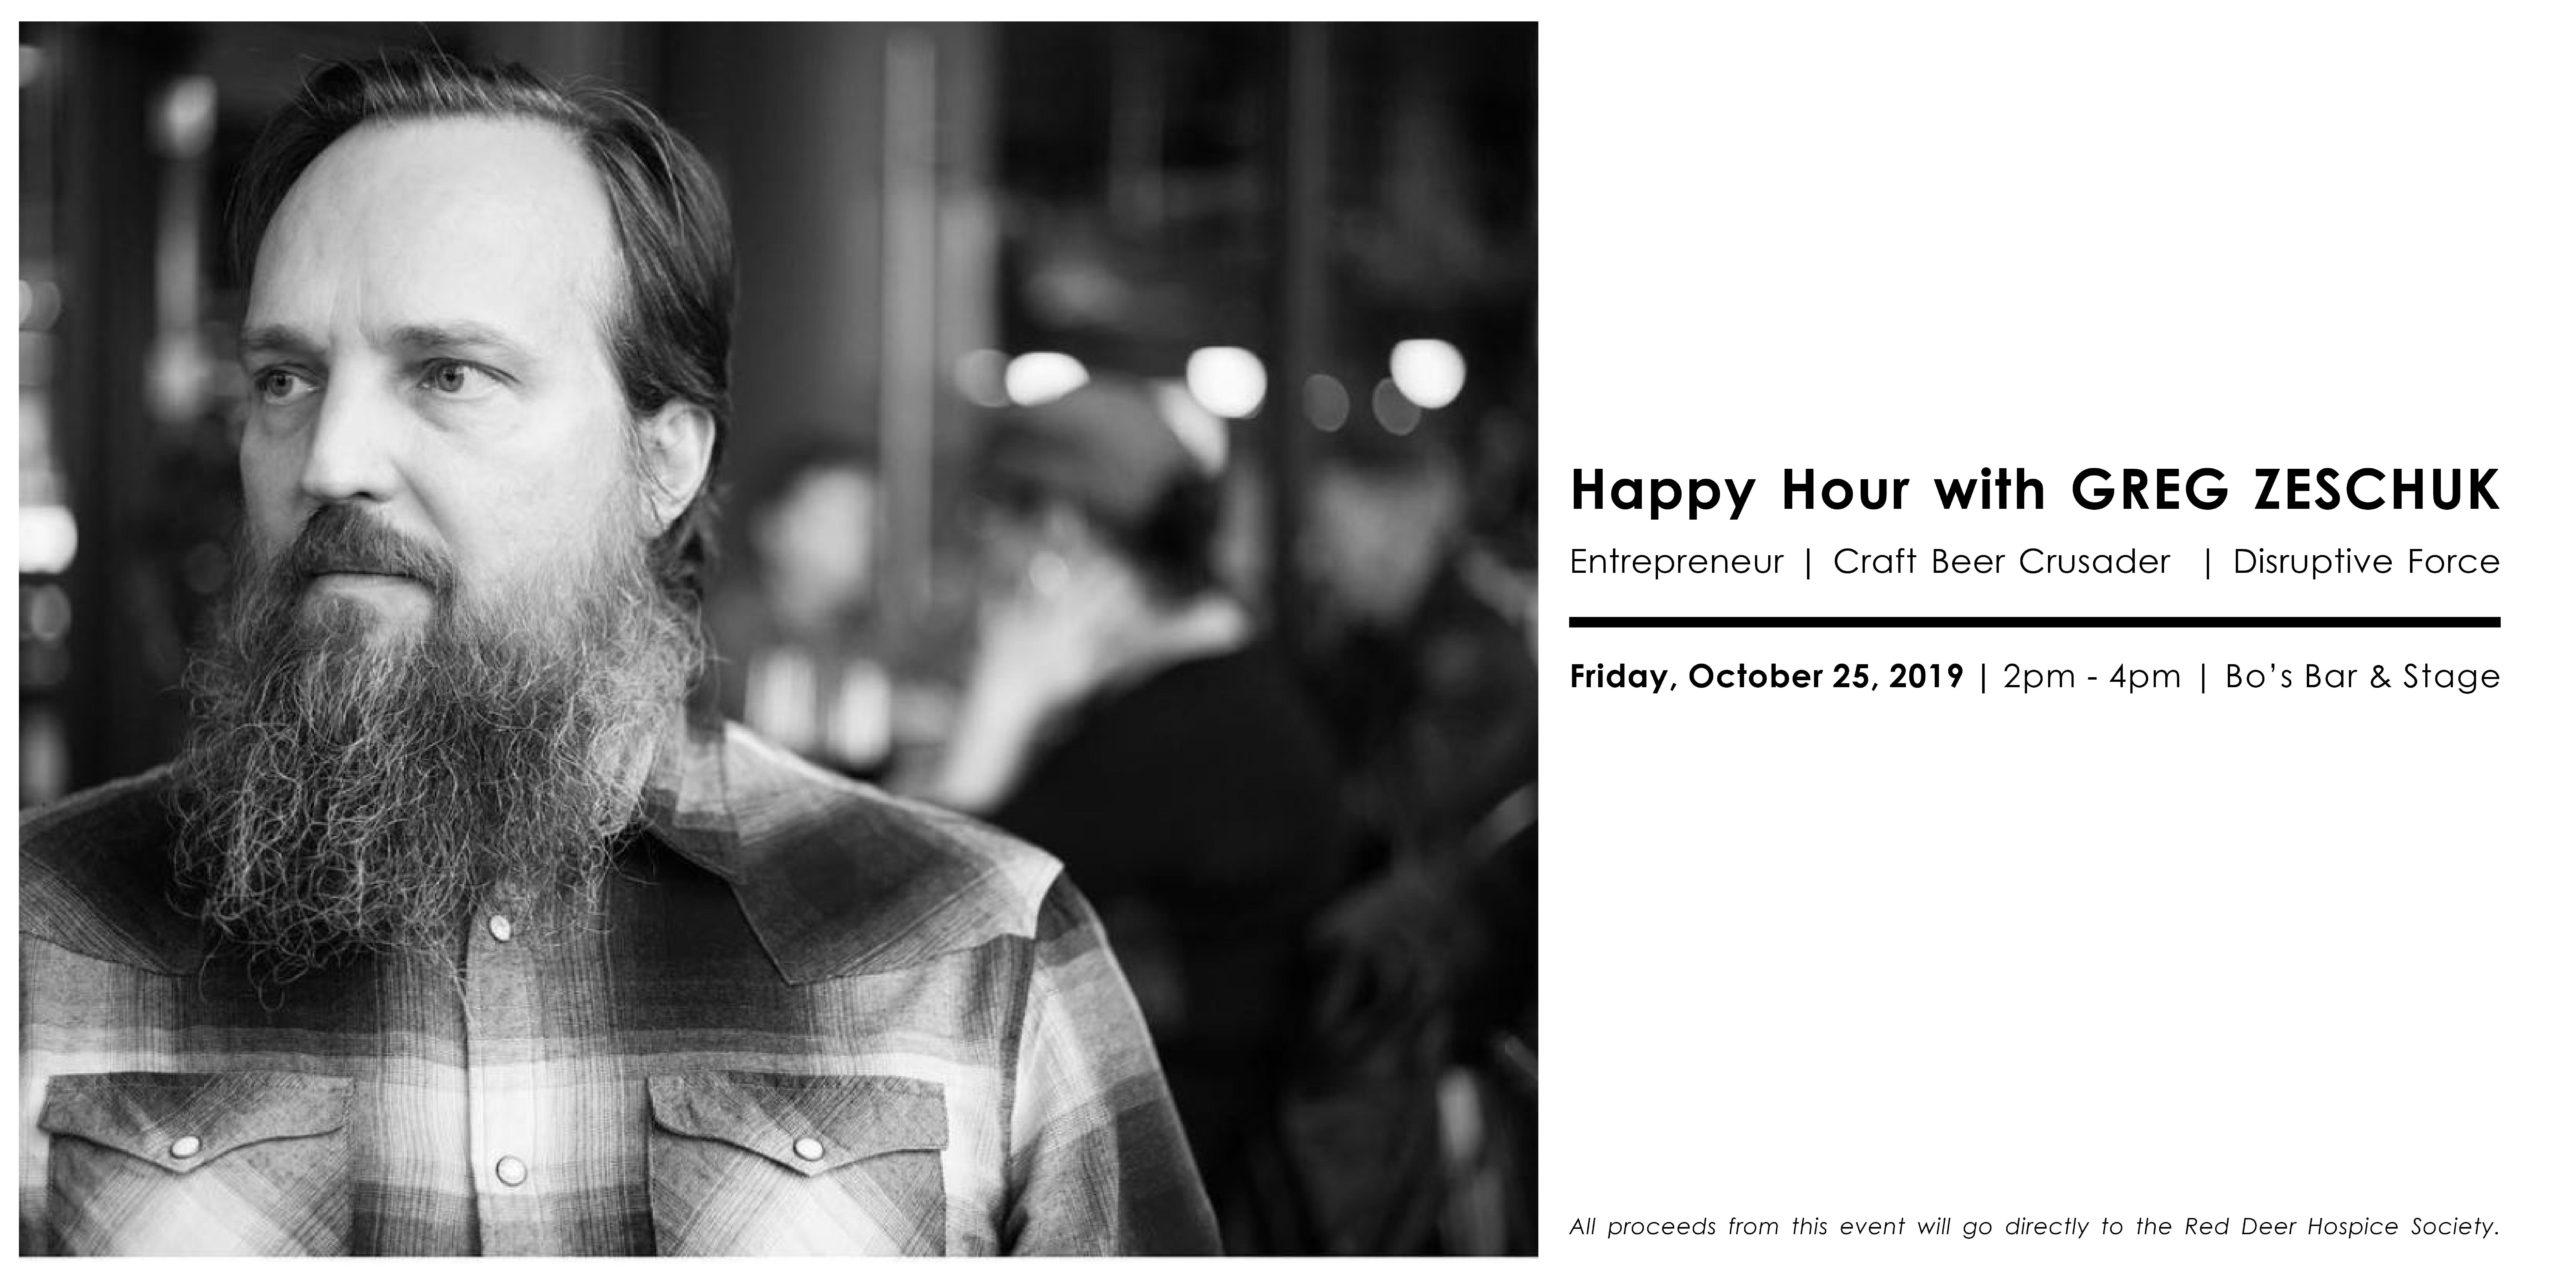 Happy Hour With Greg Zeschuk